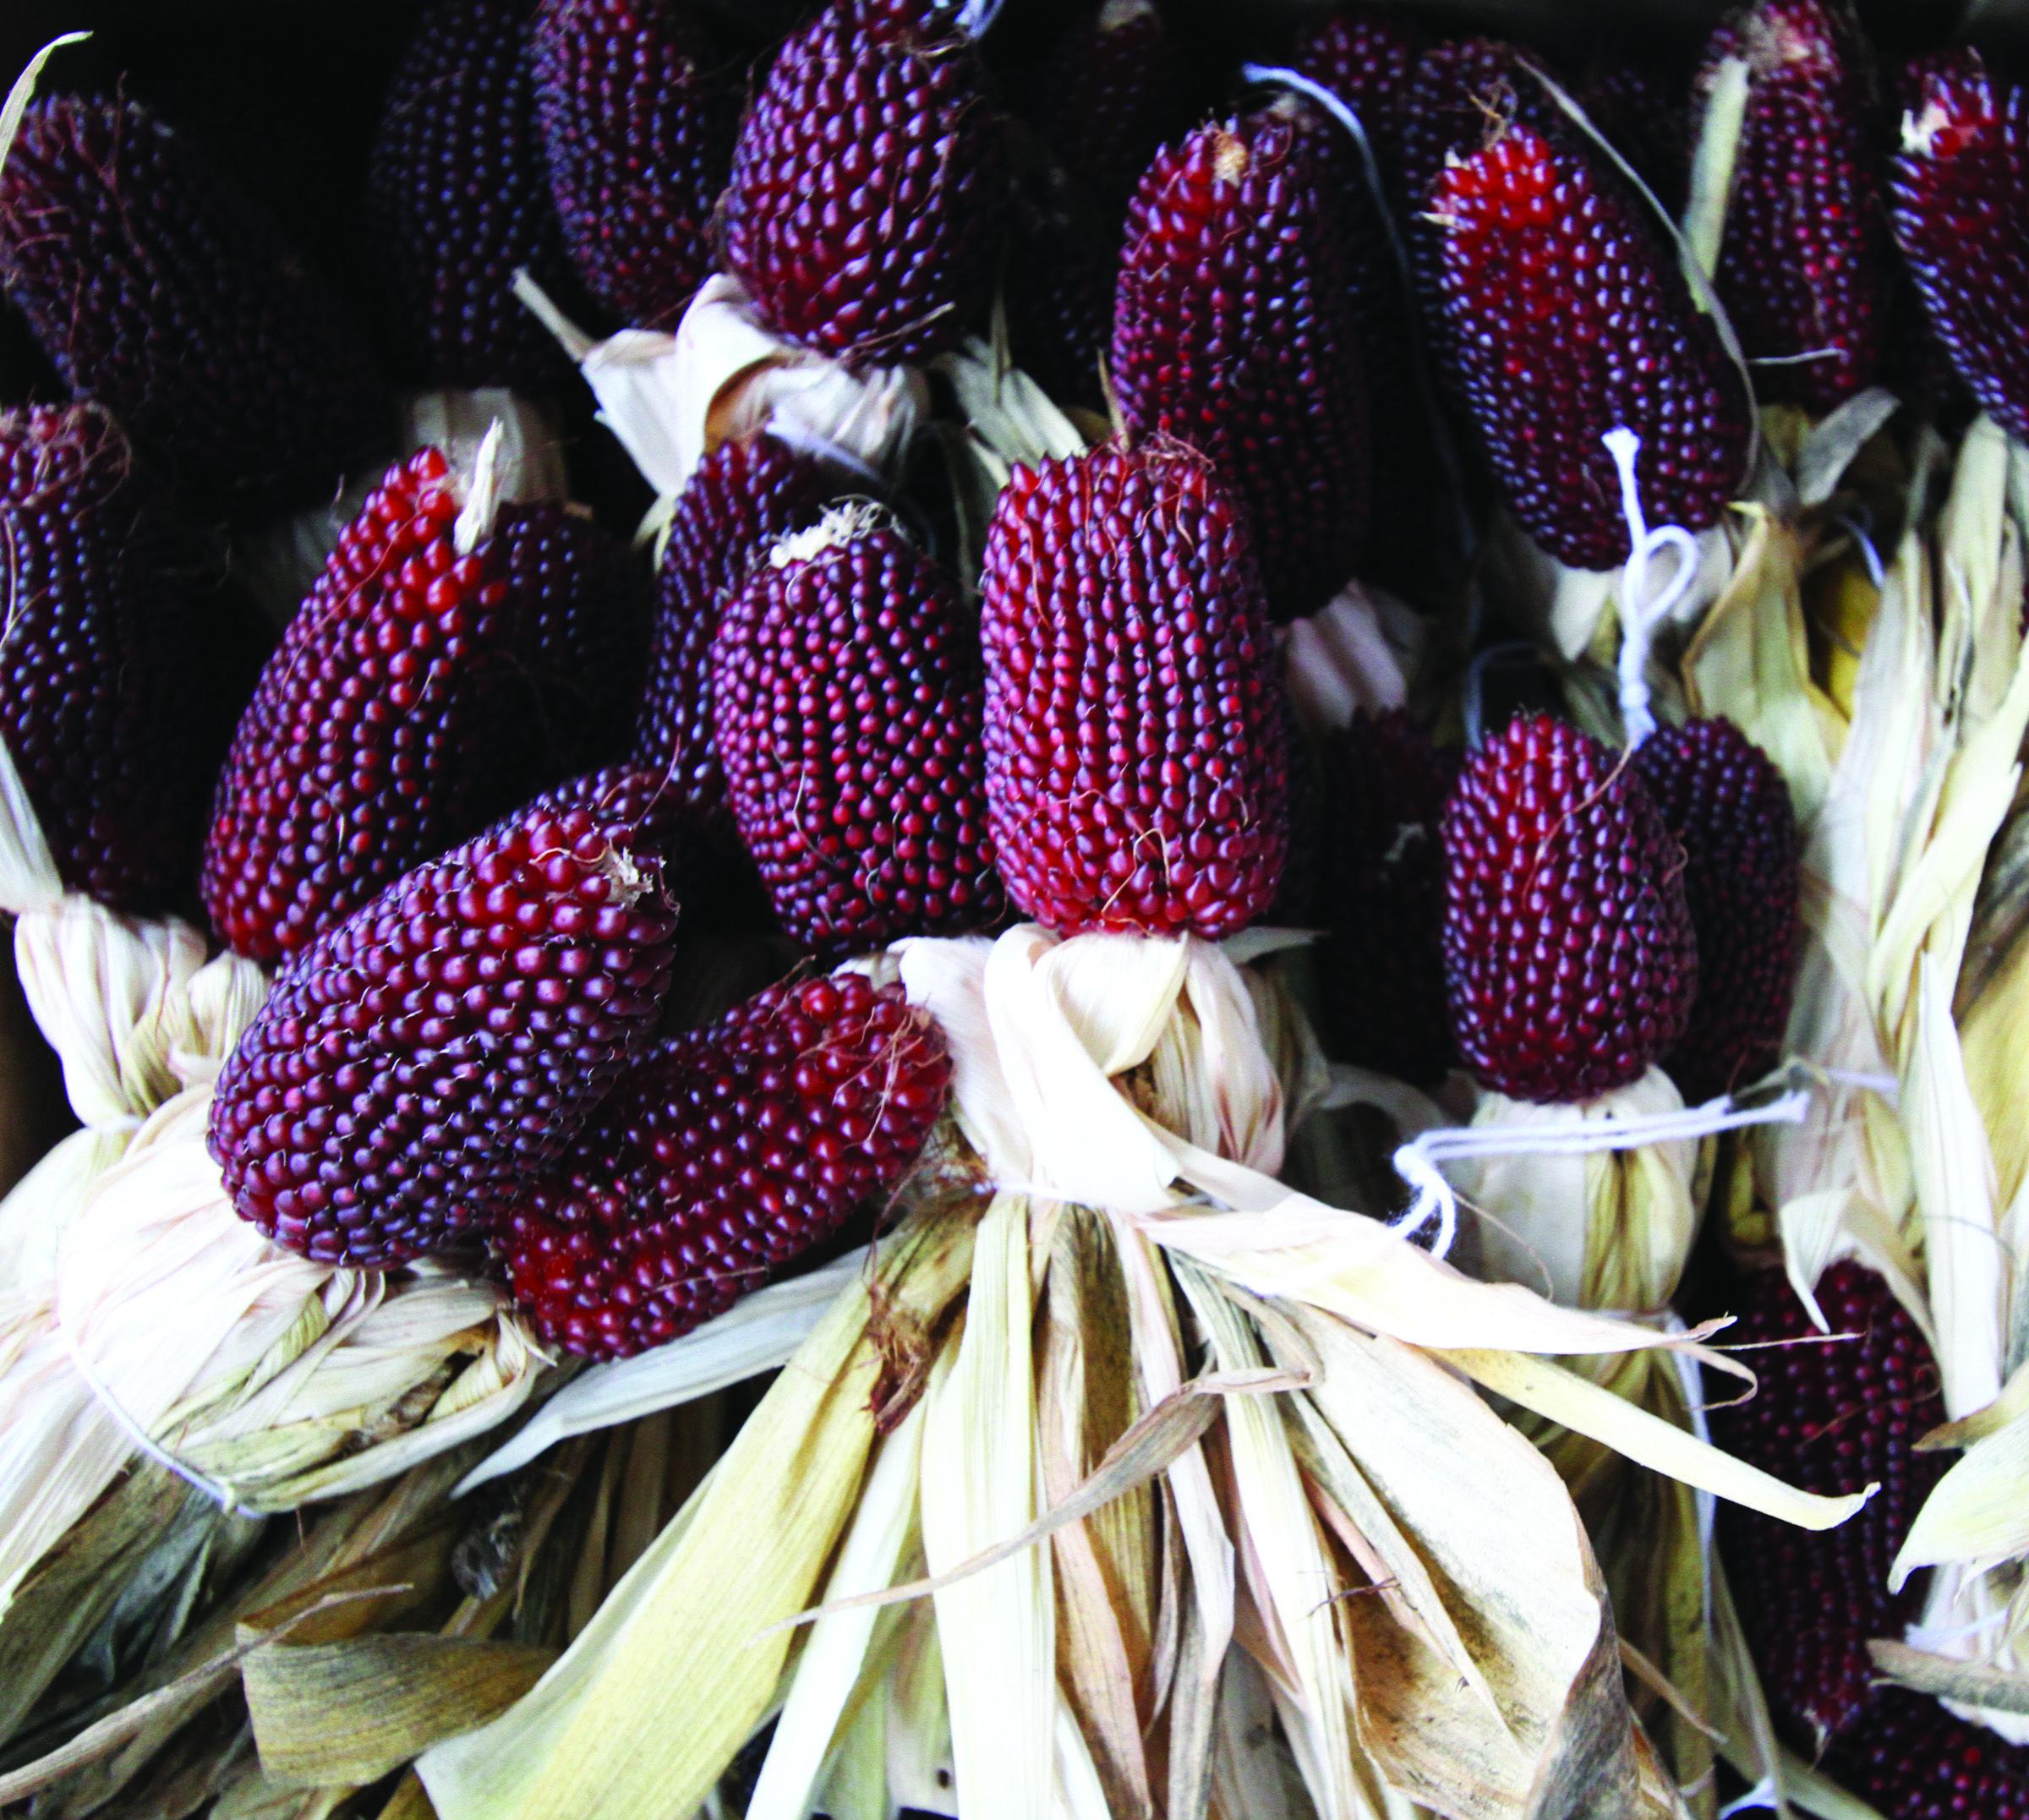 подарков фото земляничной кукурузы камера женской бане